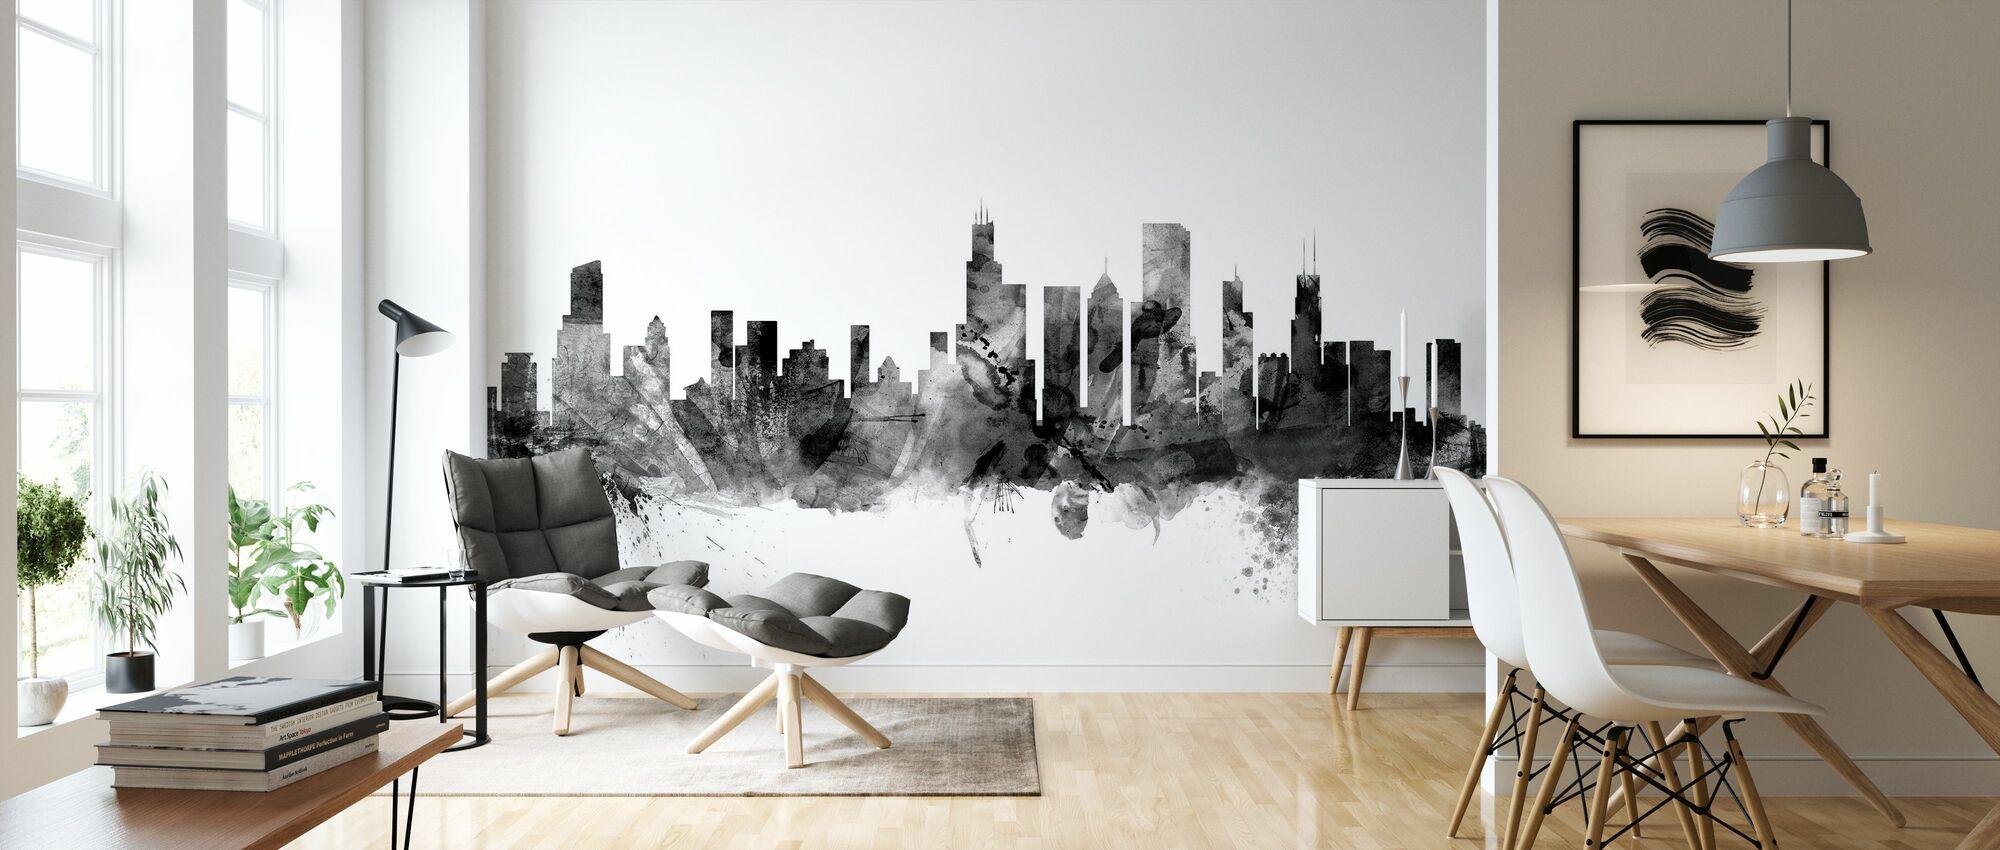 Chicago Skyline Black - Wallpaper - Living Room